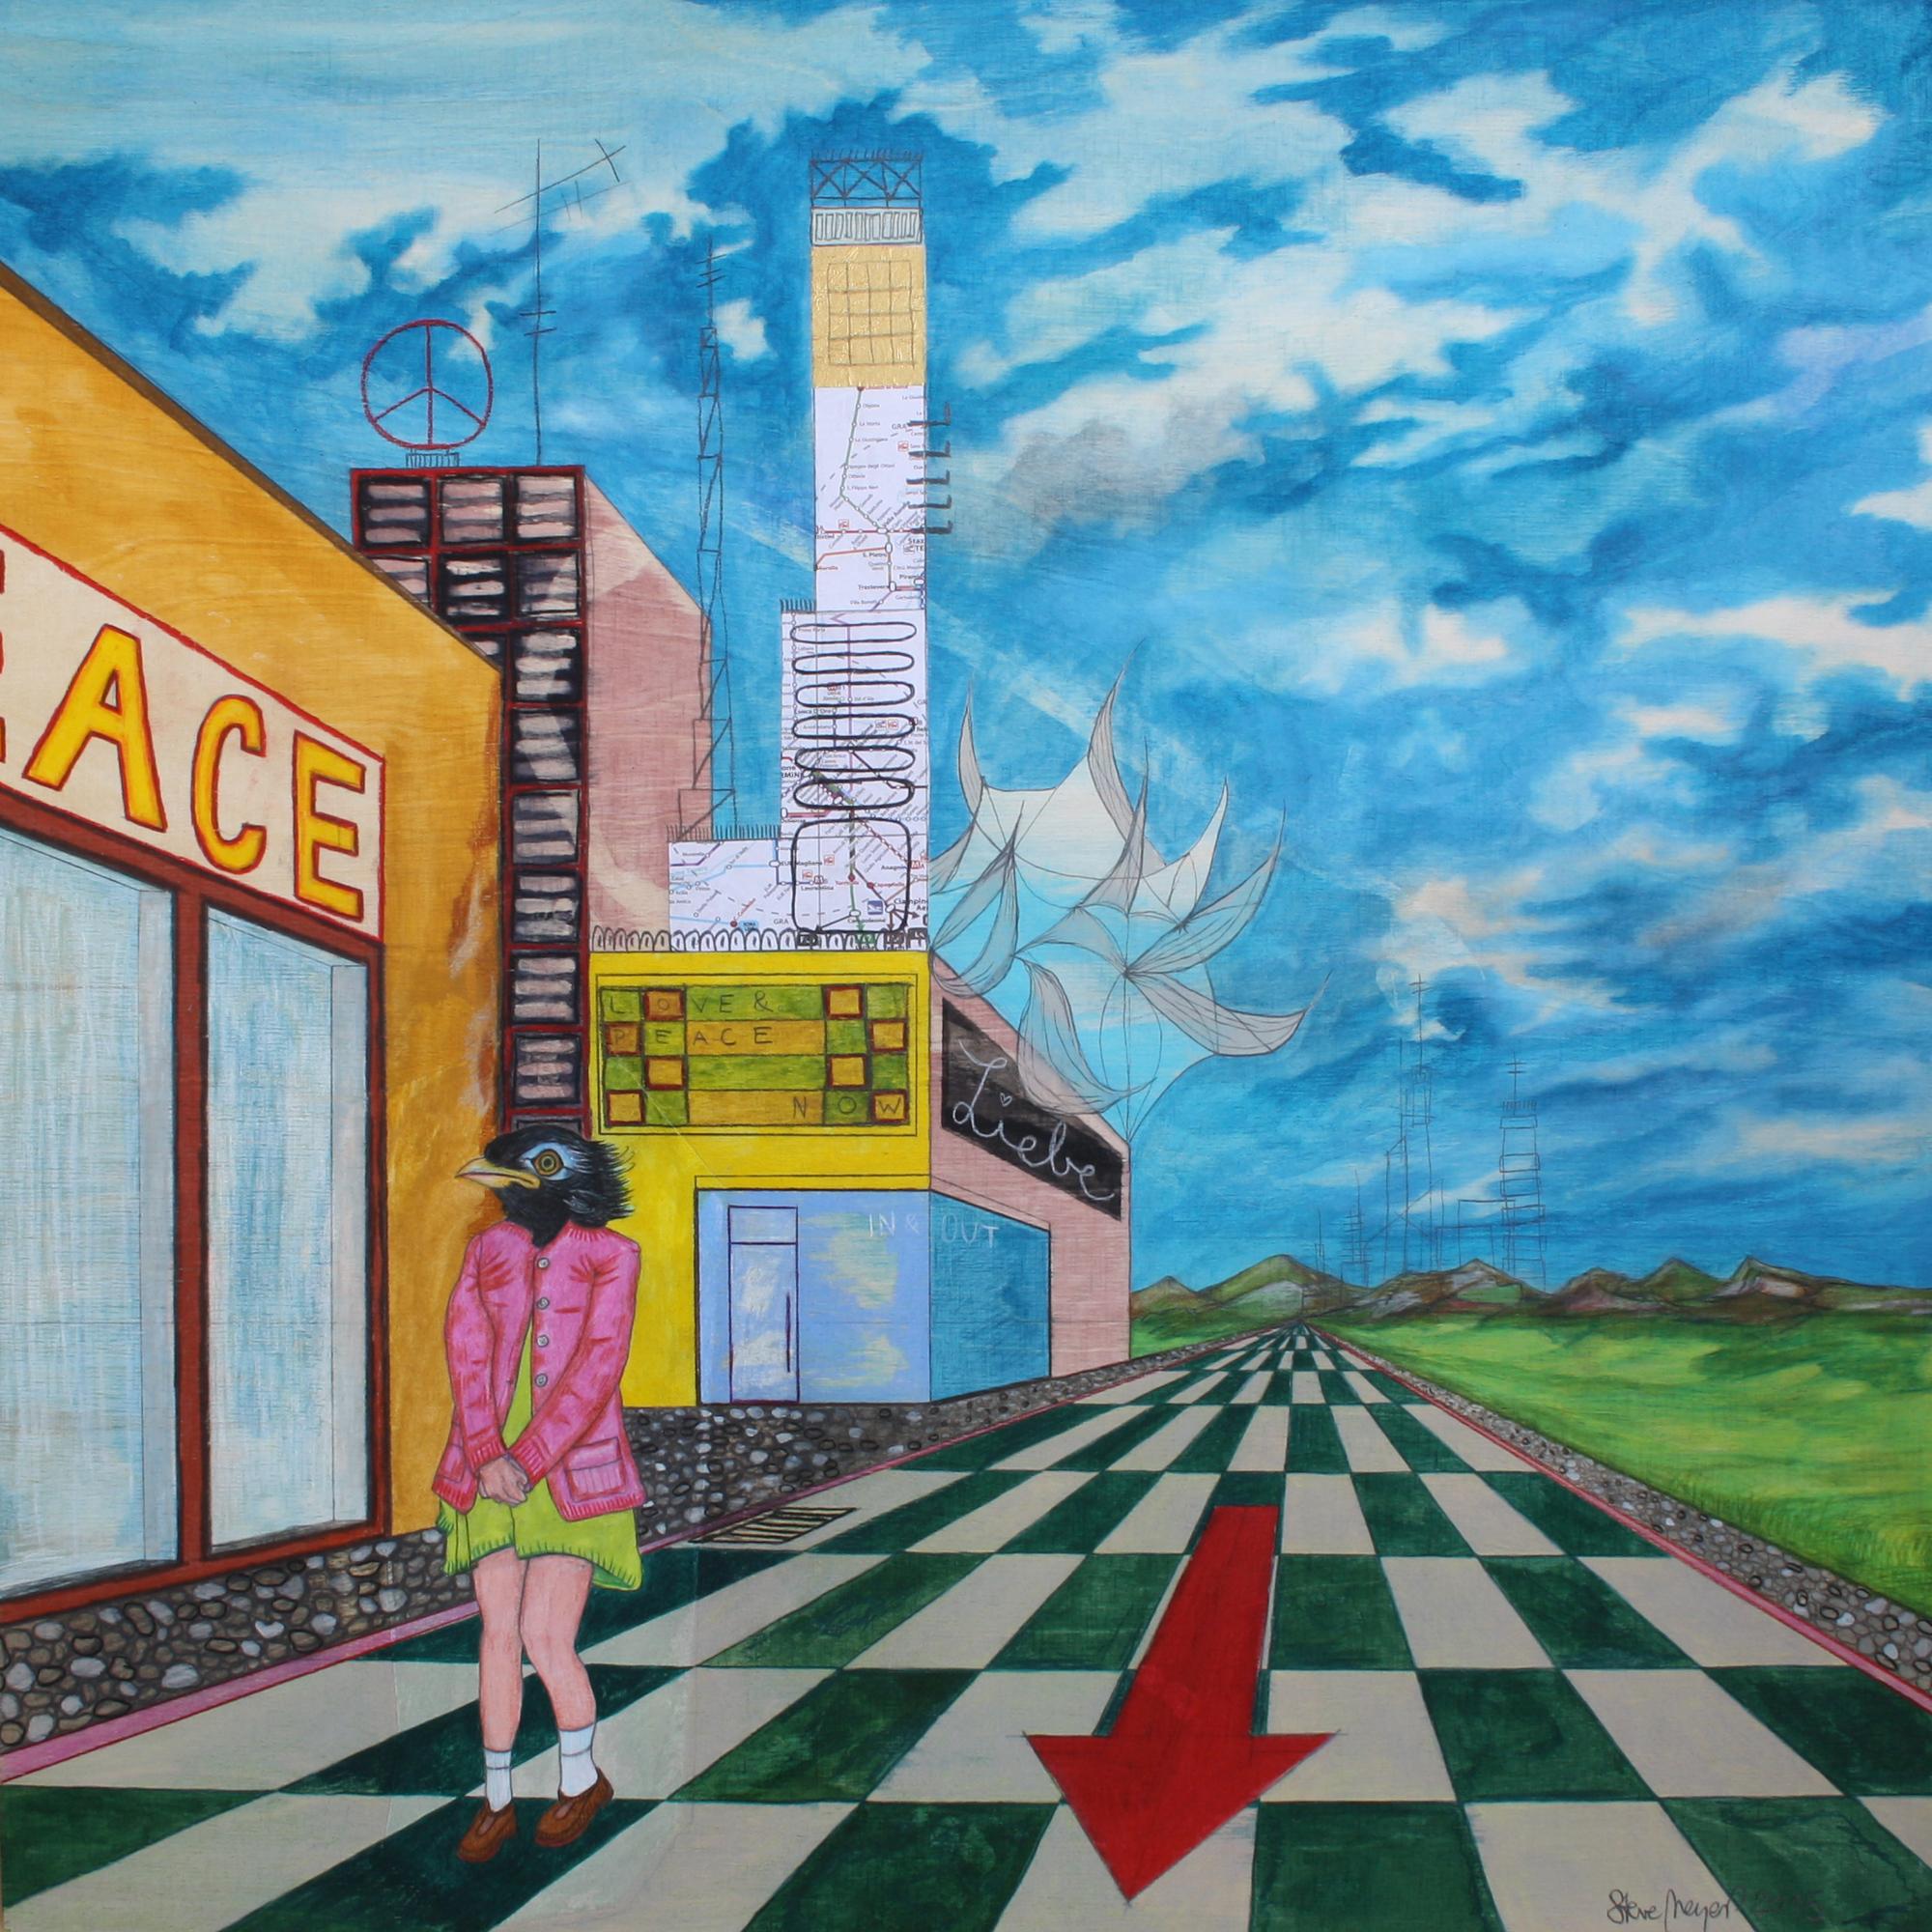 """""""Vogelmädchen allein am Stadtrand"""", Mischtechnik auf Holz, 60 cm x 60 cm, 2015, gerahmt / Schattenfuge Linde natur / Gesamtgröße: 64 cm x 64 cm, Preis: 1100.- Euro"""